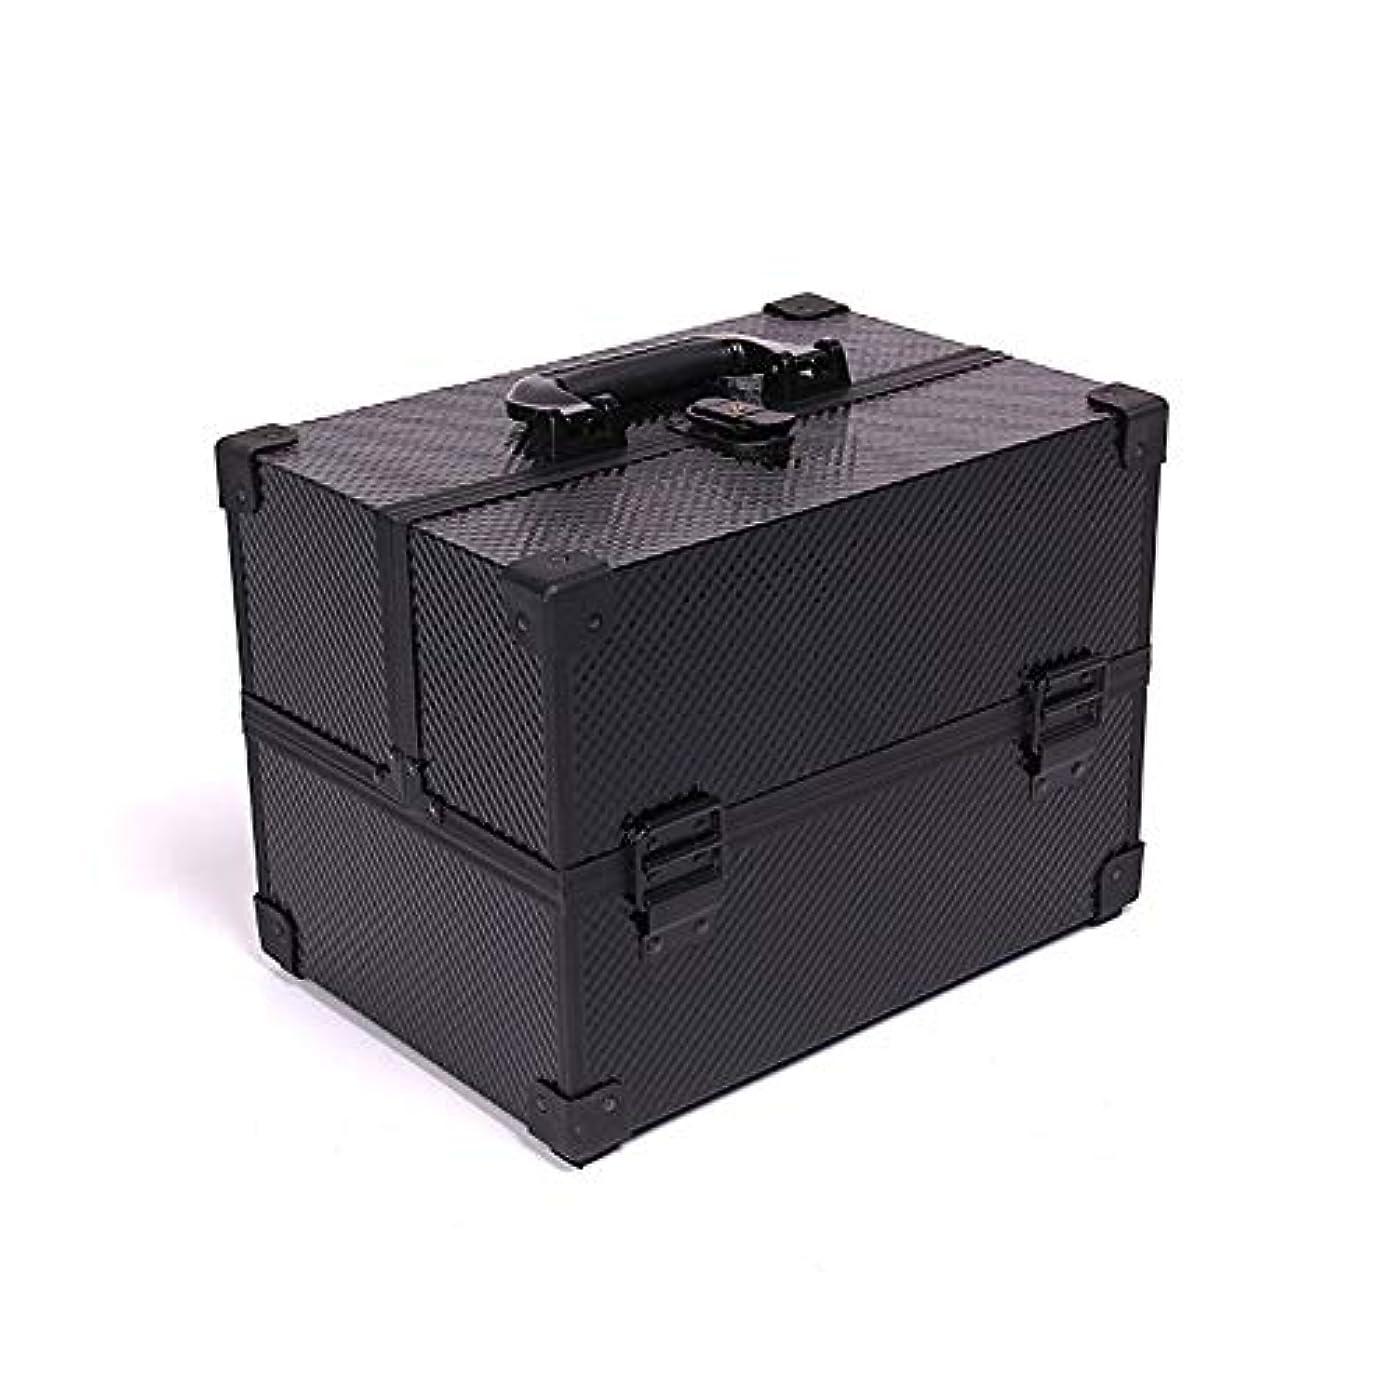 口未知のフェリー化粧オーガナイザーバッグ メイクアップボックスアルミケース美容ボックス美容化粧品フェイクレザーブラック 化粧品ケース